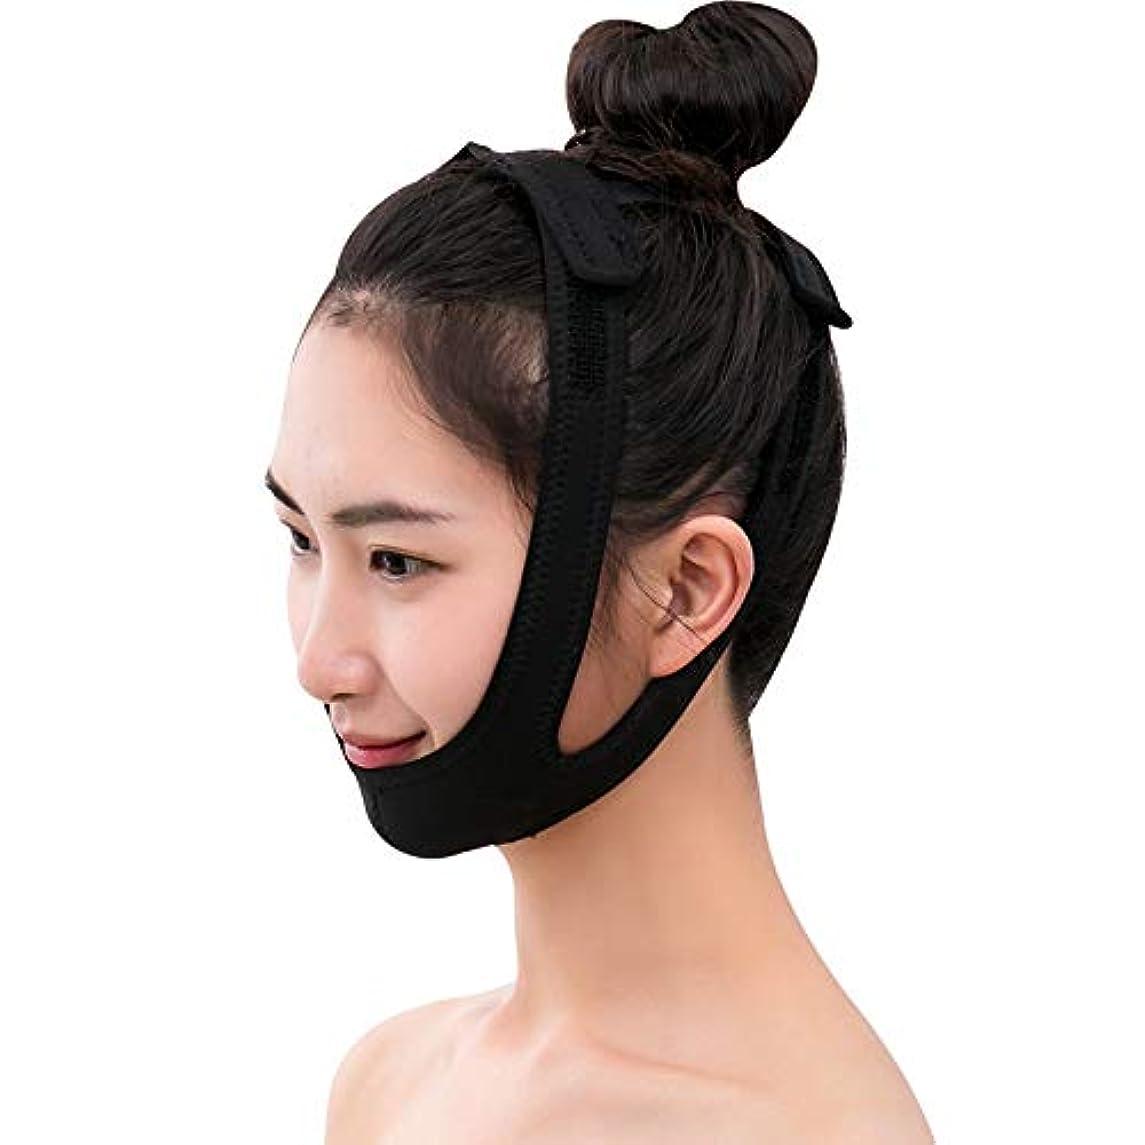 フラスコ考慮トマトRui Peng フェイスリフティングベルト シンフェイスバンド - シンフェイスバンデージ美容機器フェイシャルリフト睡眠マスク法Vフェイスマスクを通気性にする